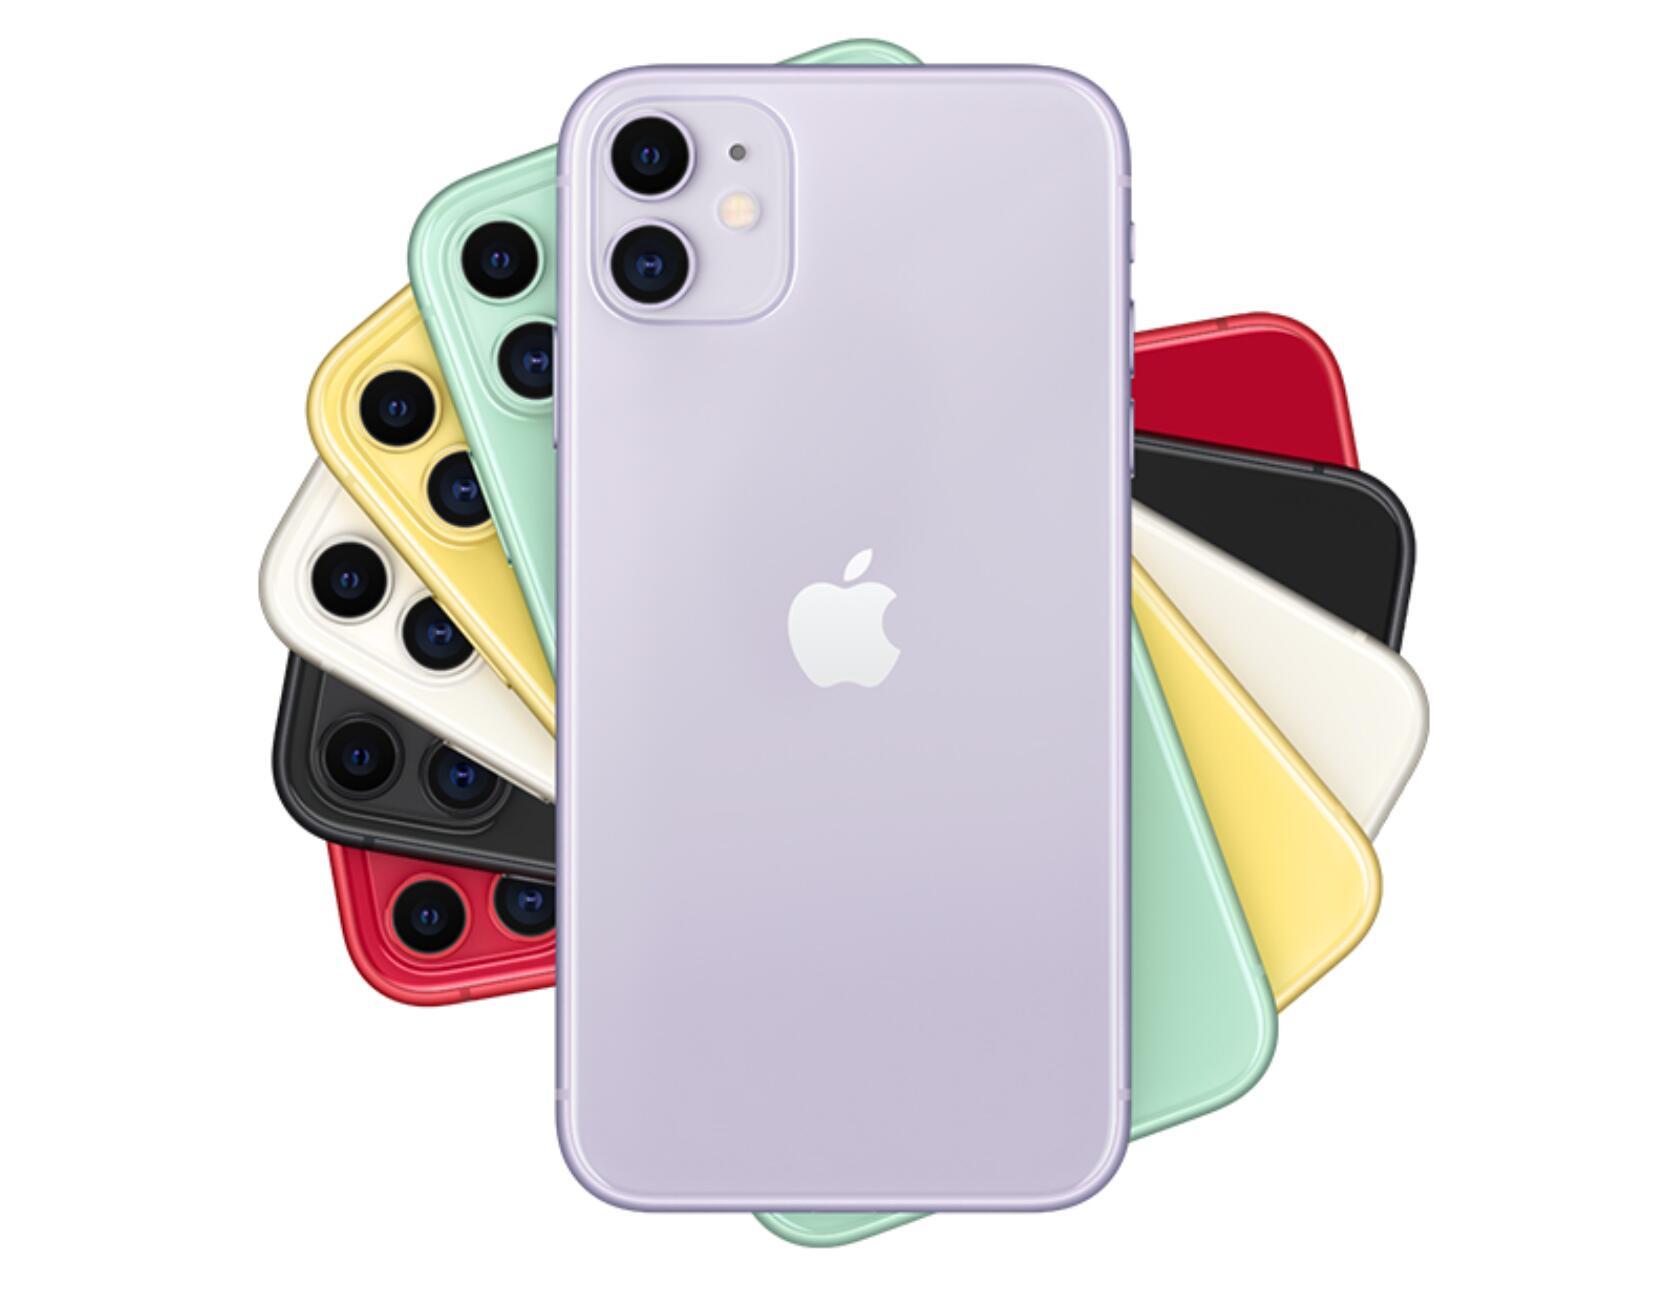 苹果手机吃鸡开麦没有声音怎么办?